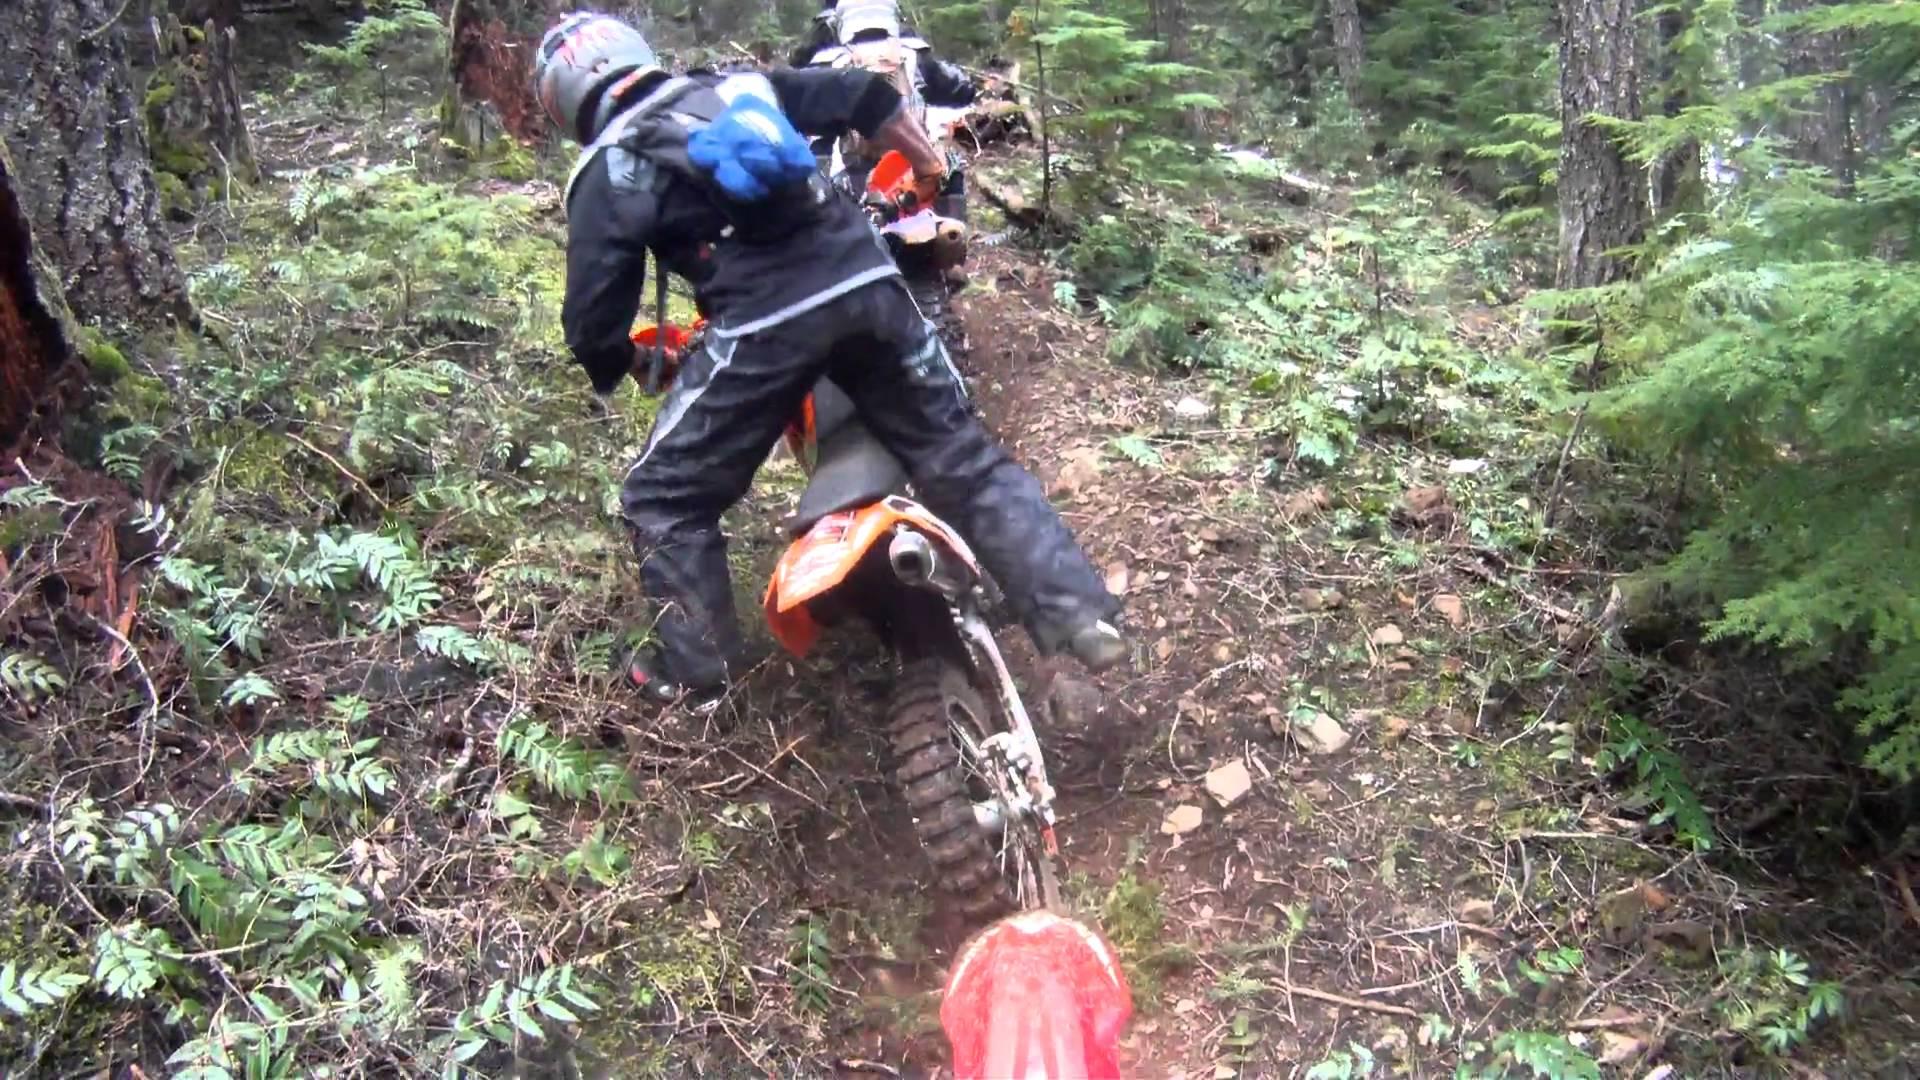 free photo: trail bikers - track, trail, speed - free download - jooinn